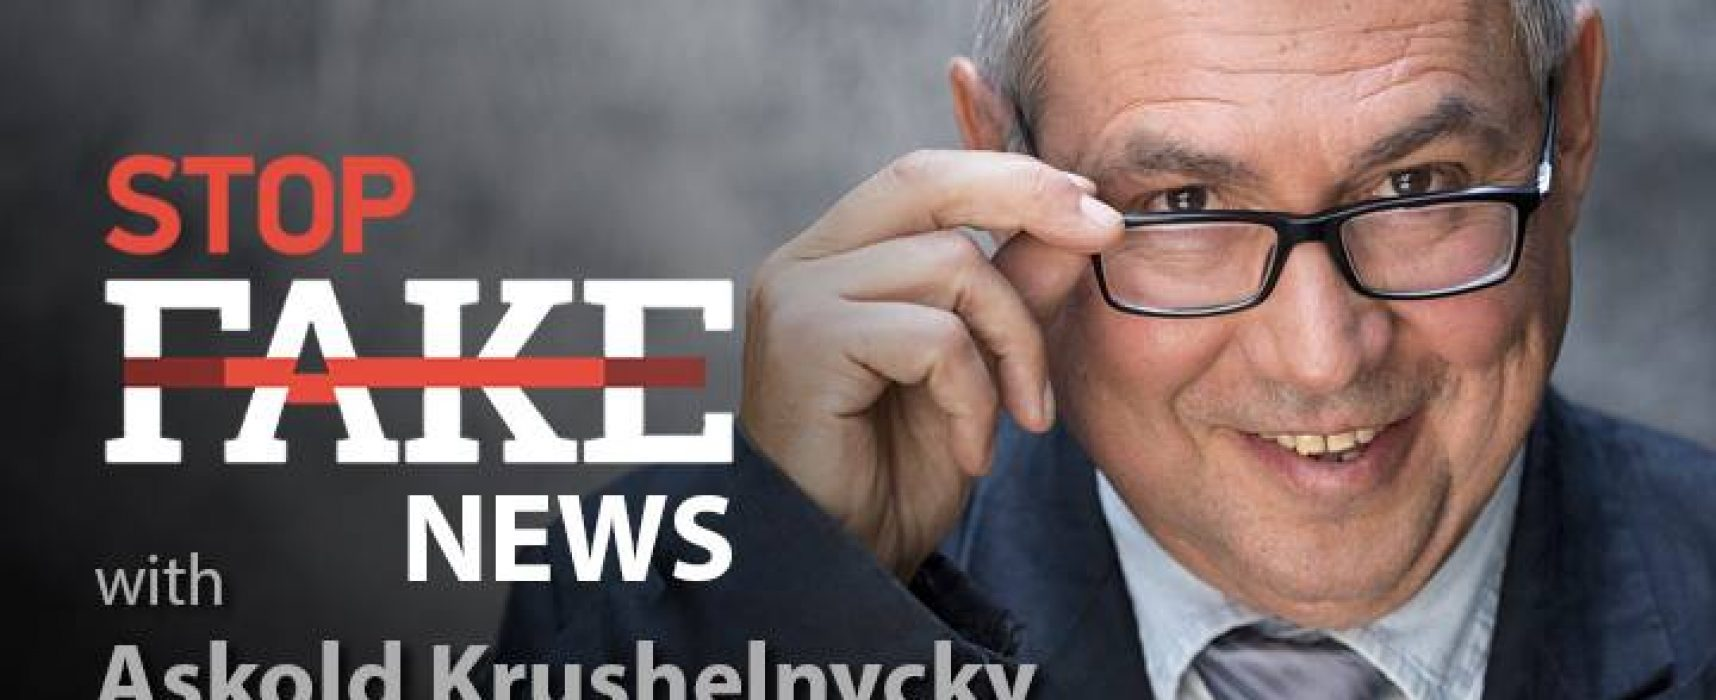 StopFakeNews #92 with Askold Krushelnycky